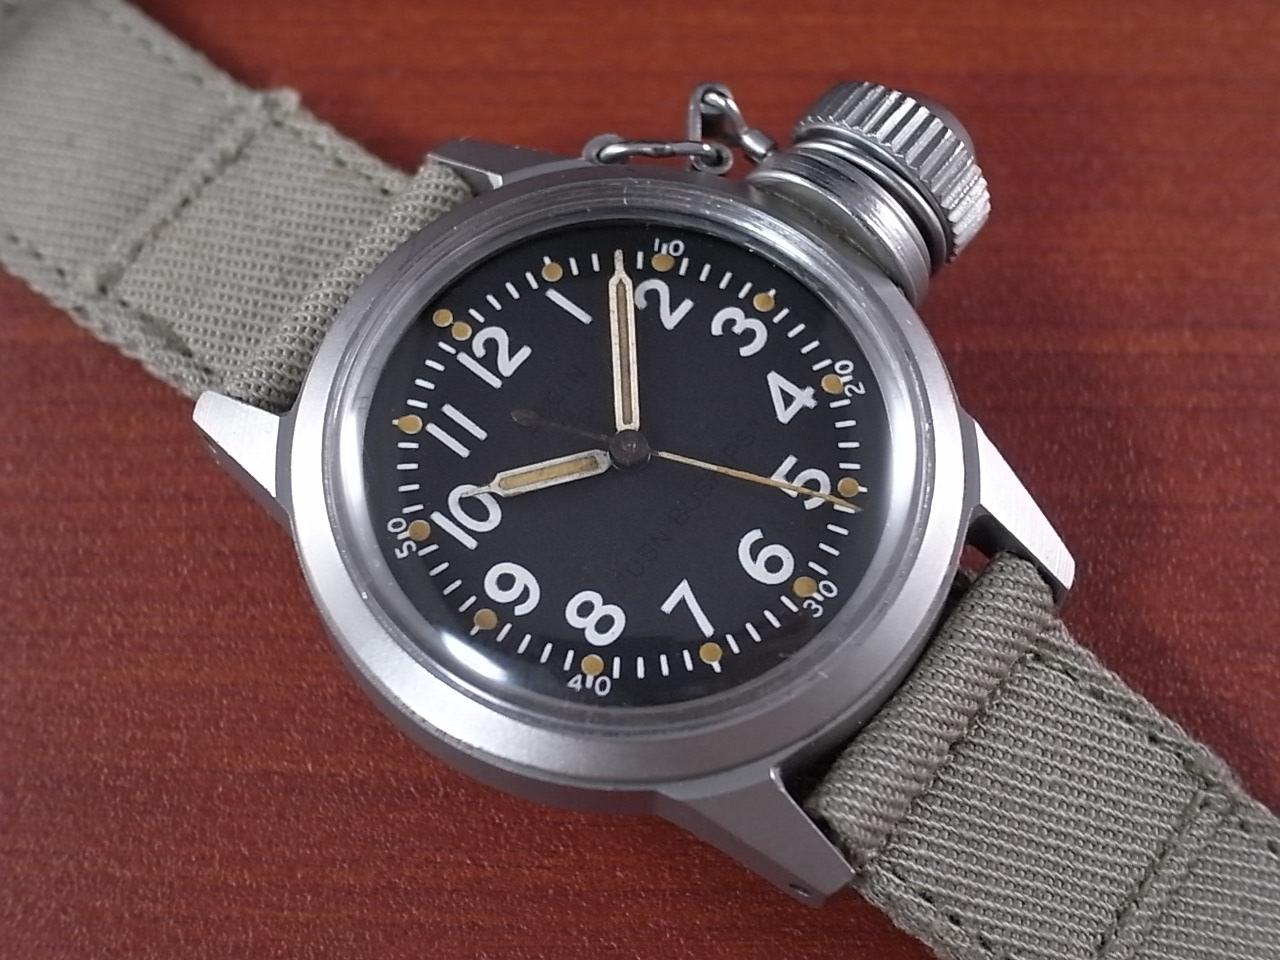 エルジン 軍用時計 アメリカ海軍 USN BUSHIPS   UDT(水中爆破チーム)のメイン写真